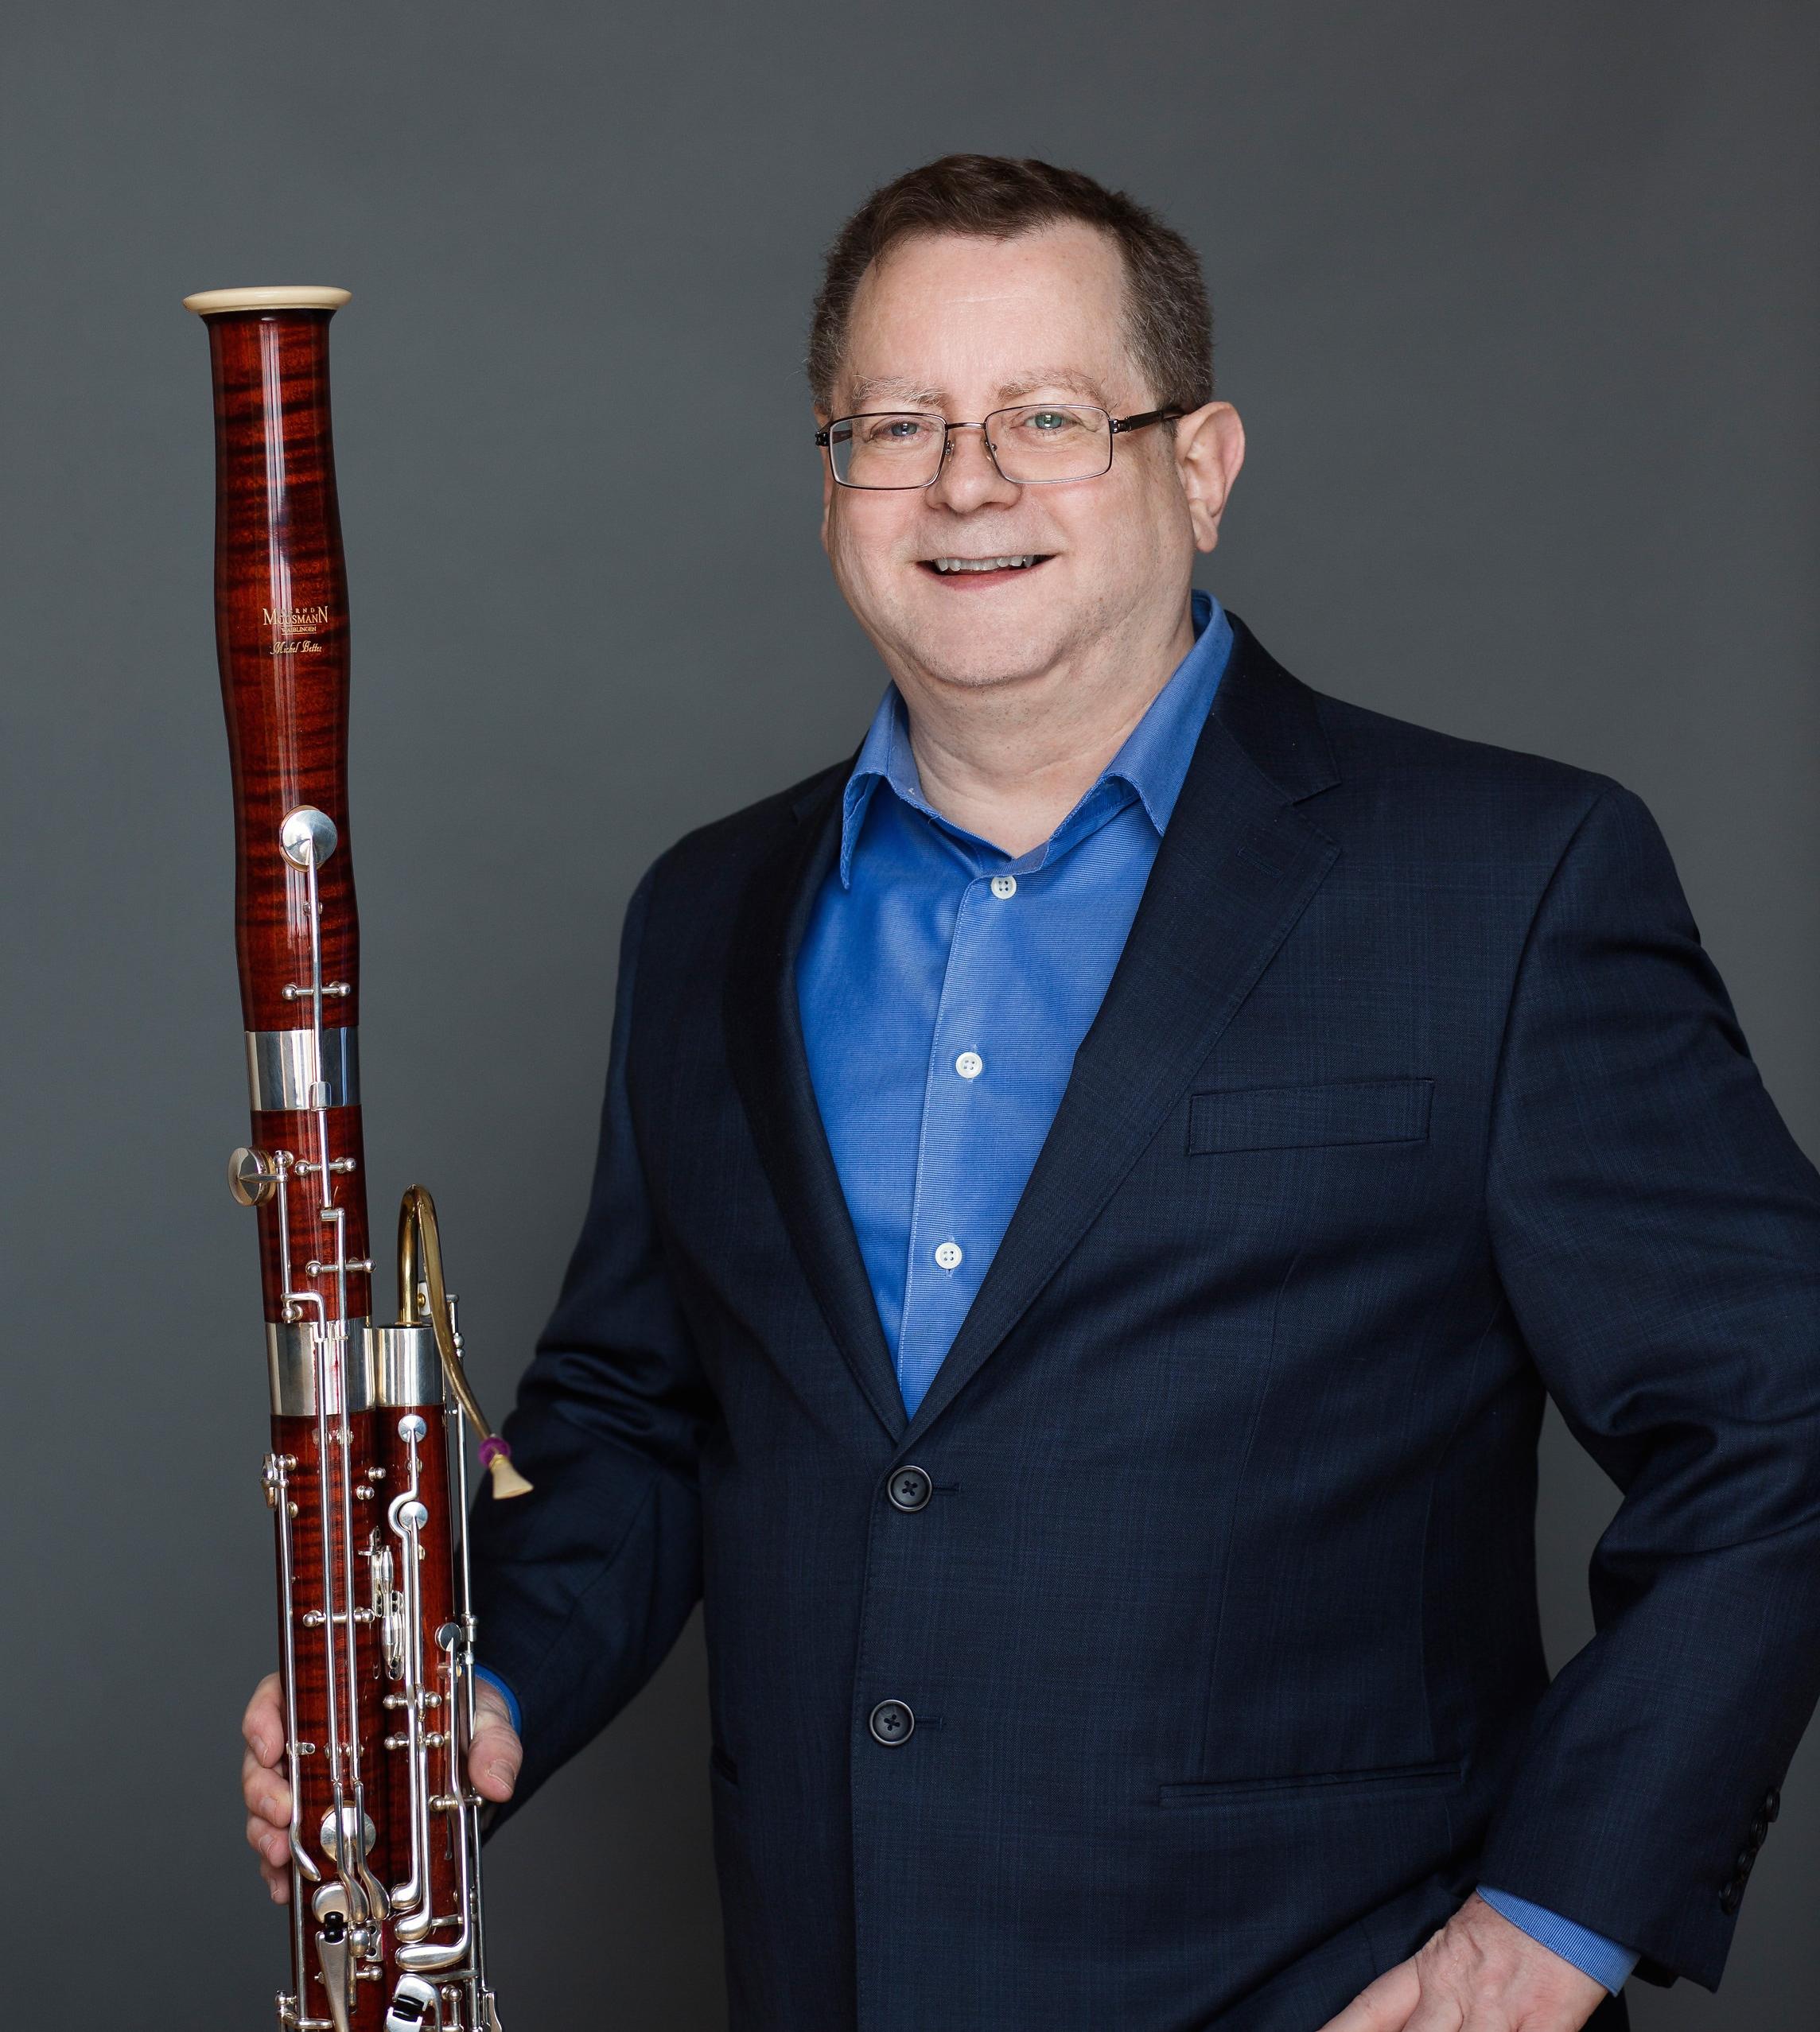 Michel Bettez bassoon 2017 - Künstler